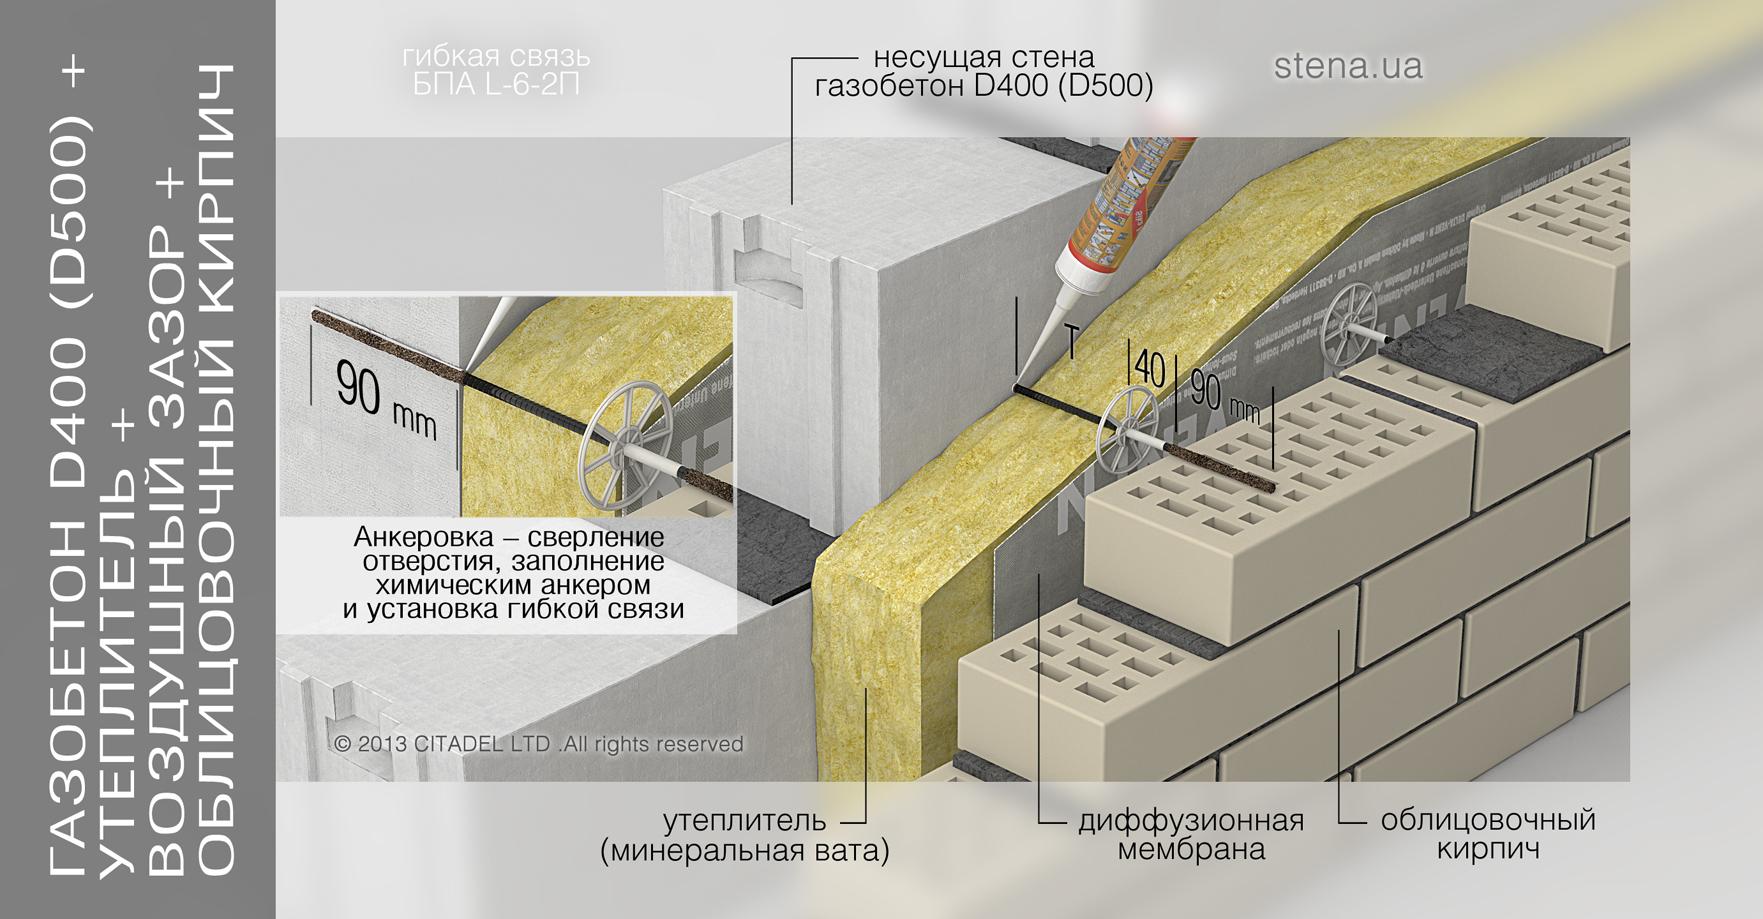 Гибкая связь БПА L-6-2П: Газобетон D400 (D500) + Утеплитель + Воздушный зазор + Облицовочный кирпич